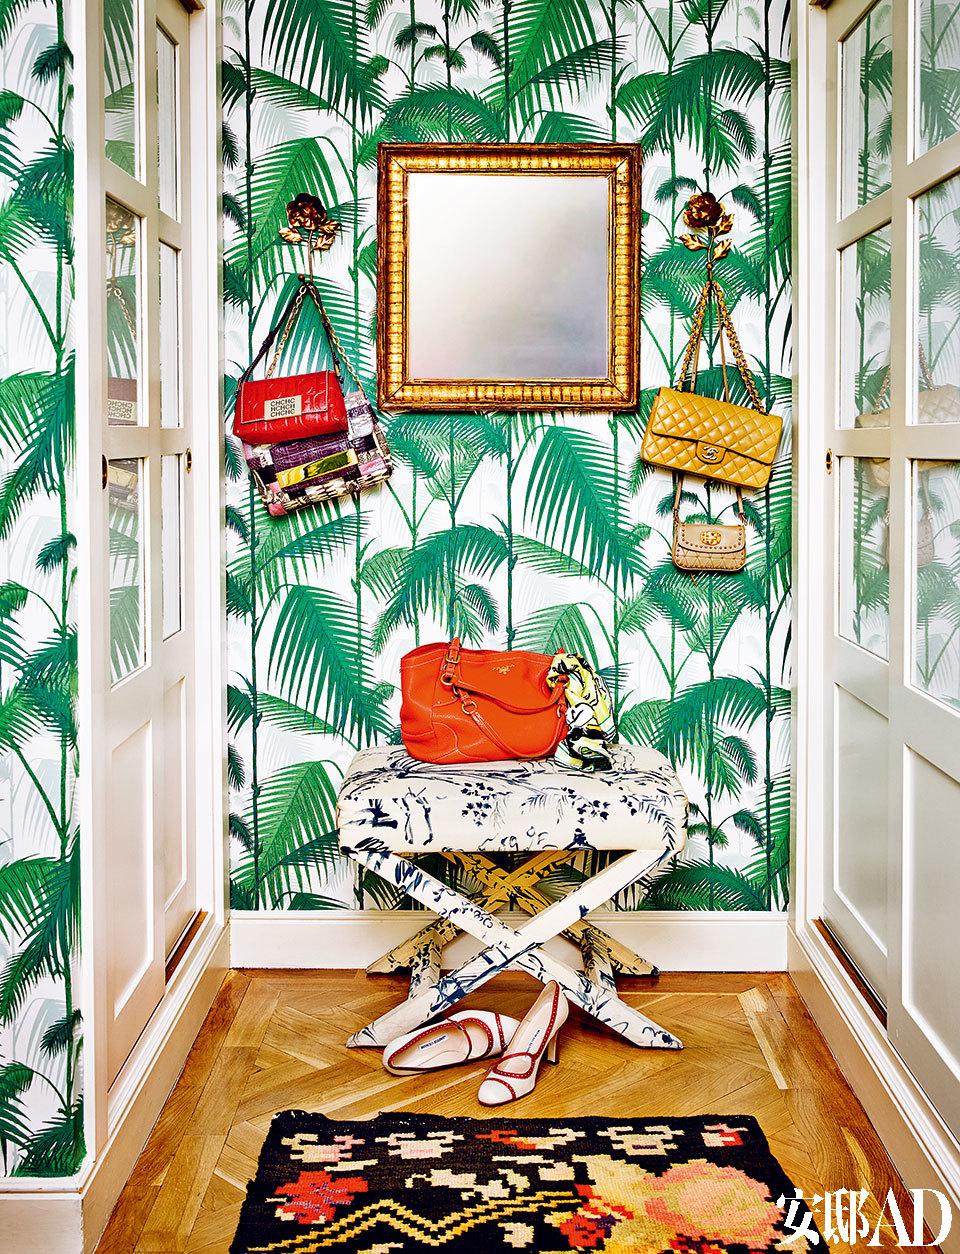 在棕榈叶墙纸的映衬下换衬衫,会带给人一种热带度假的明媚心情。更衣室不久前经过重新设计,原先的纯色墙漆被替换为Cole & Son的棕榈叶墙纸。Gastón Y Daniela的凳子和Petit Point的阿根廷地毯相映成趣。